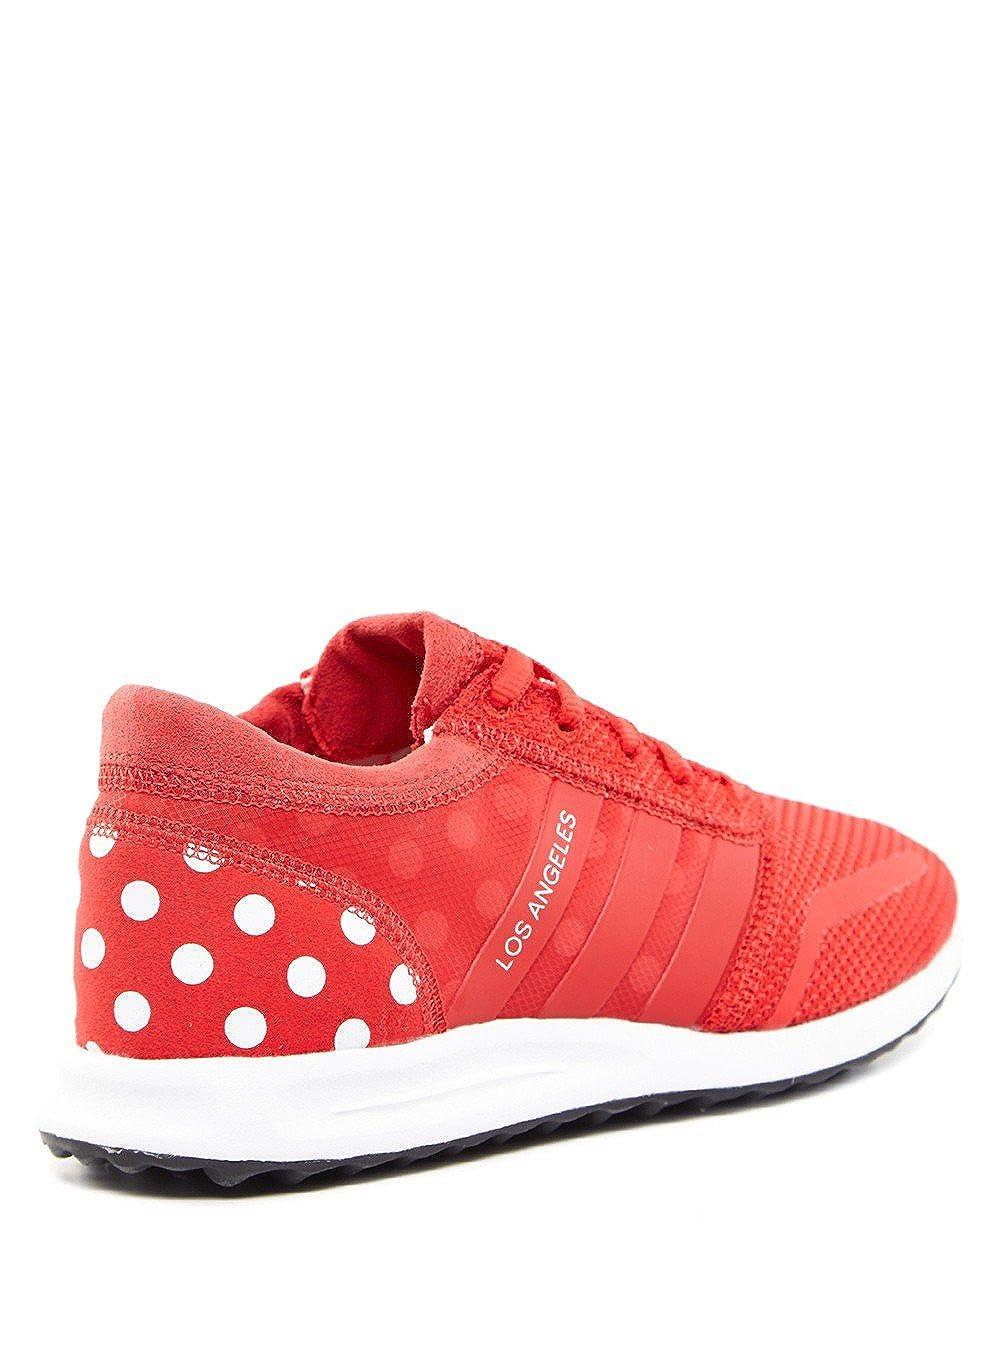 adidas Sneaker Damen Schuhe AF4306 LOS Angeles W Sneaker ROT